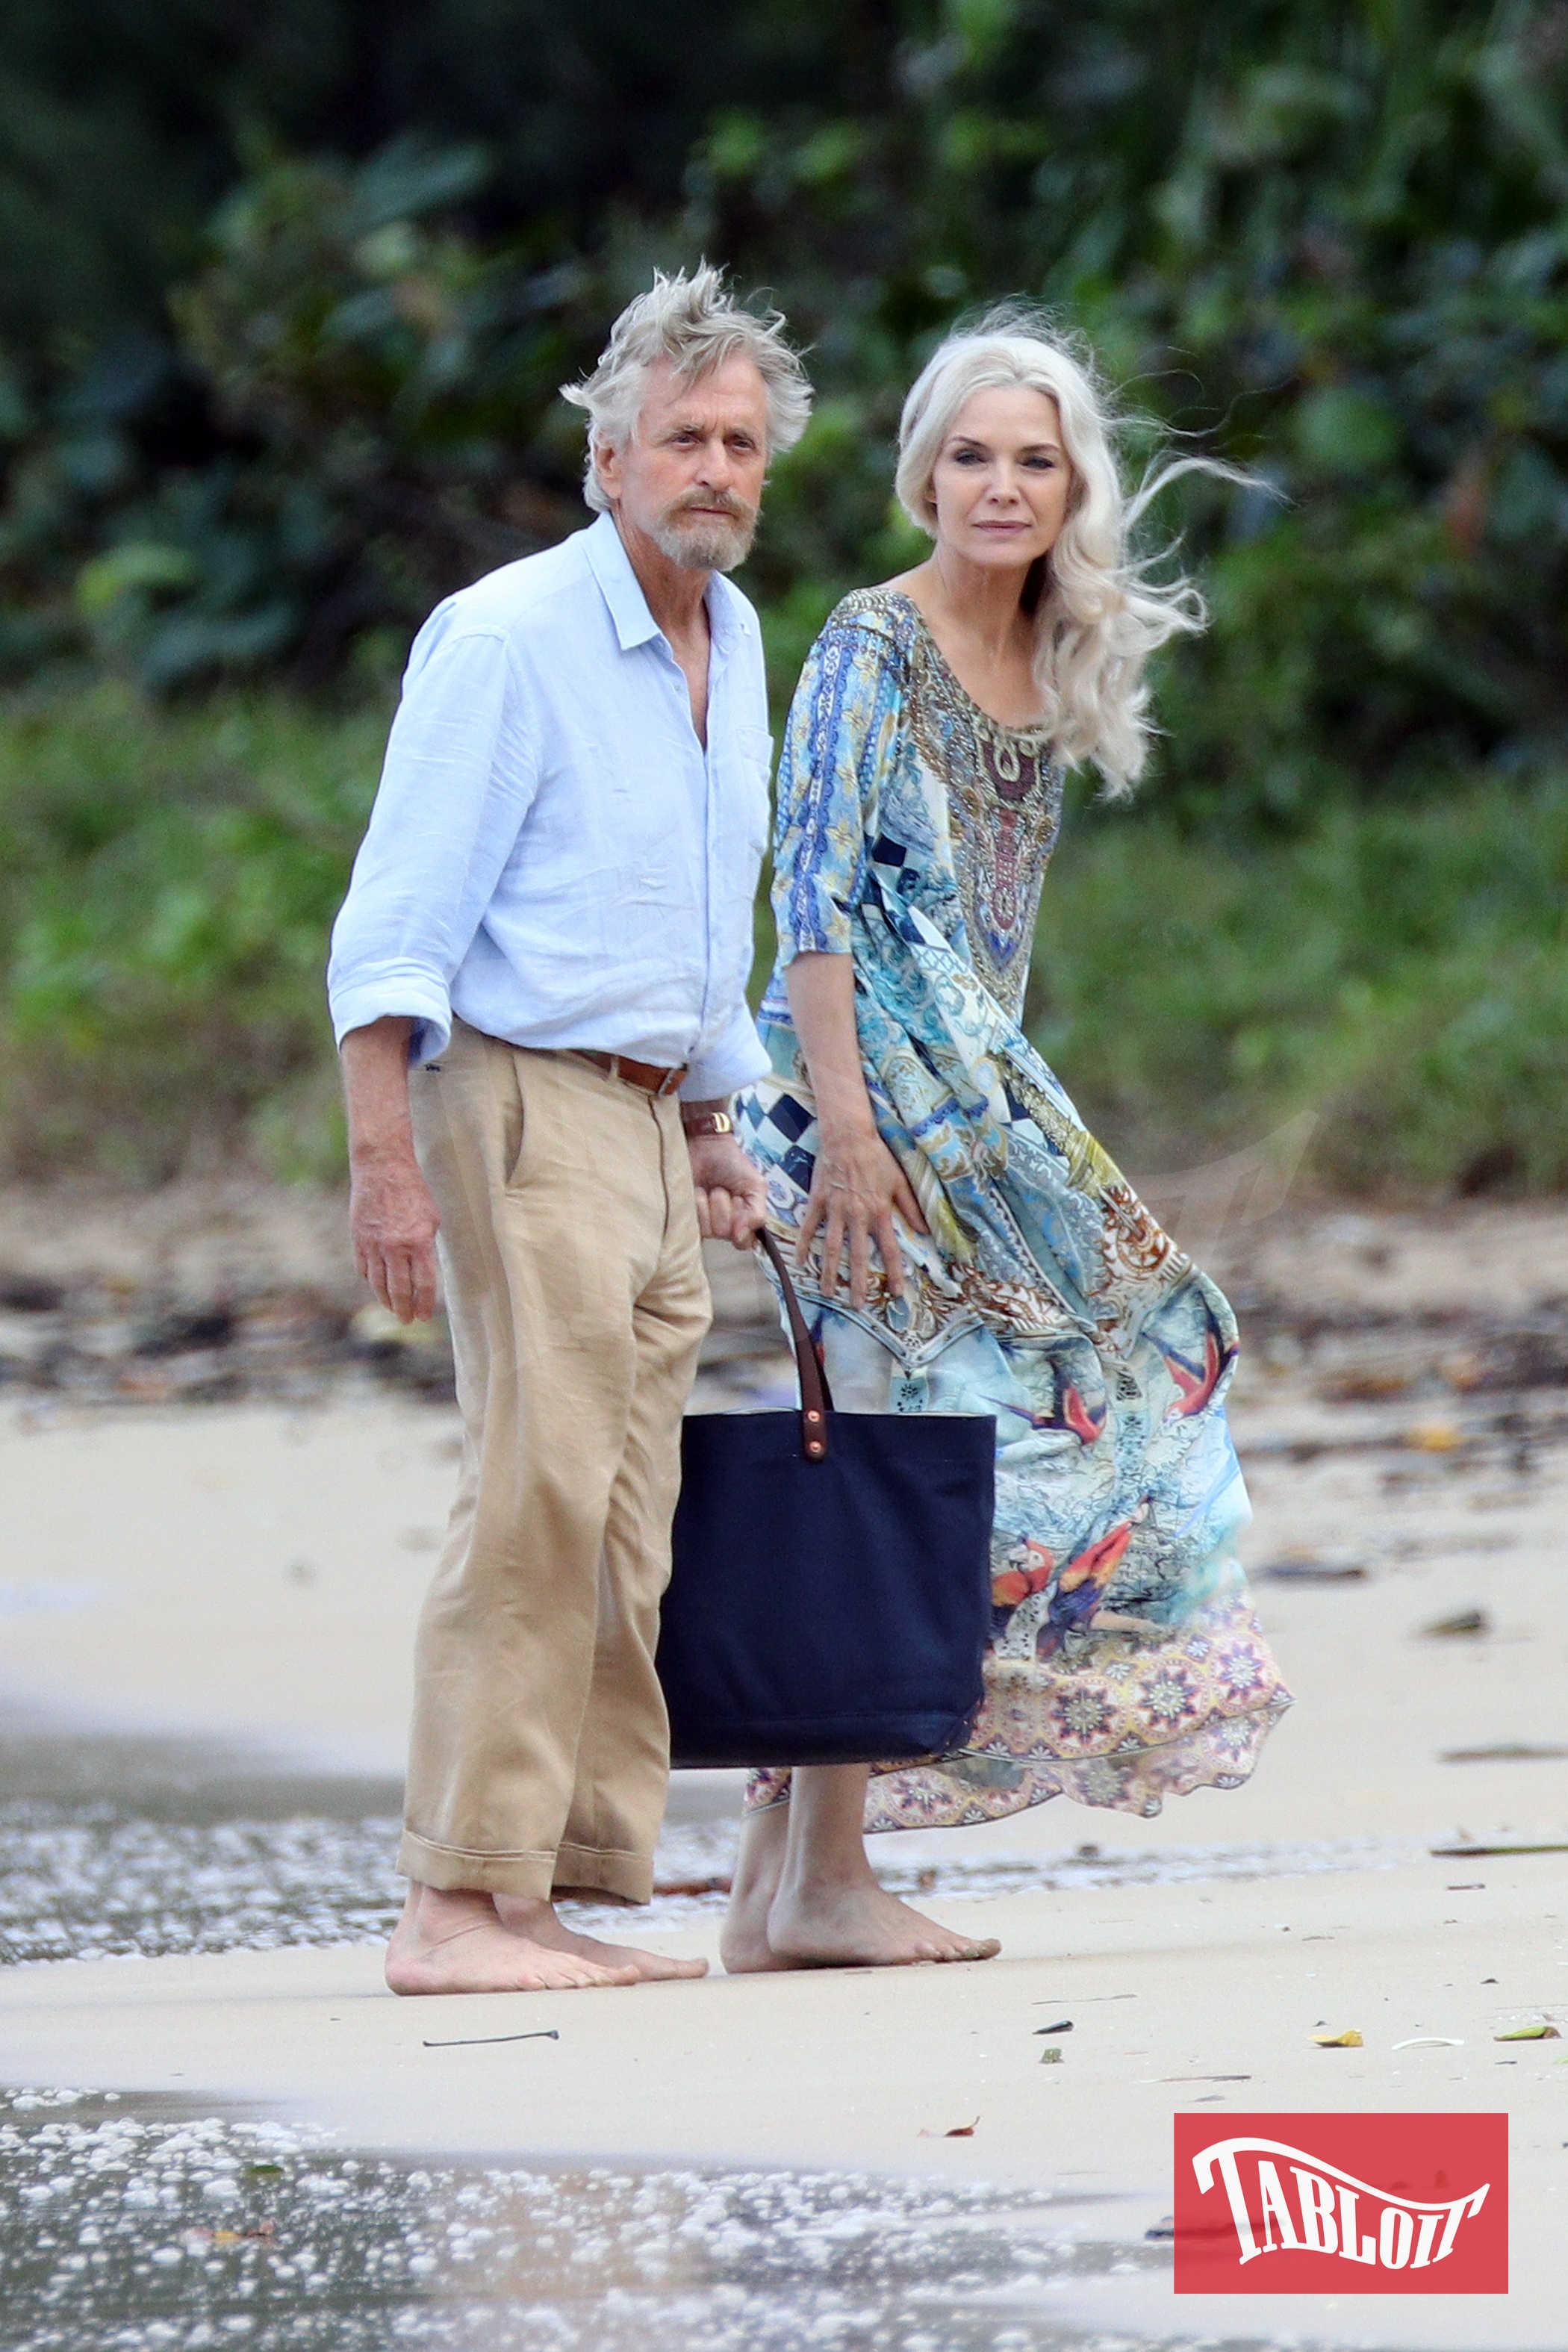 """Nel film Michael Douglas interpreta lo scienziato Hank Pym mentre Michelle Pfeiffer veste i panni della moglie Janet. Nel primo film di """"Ant-Man"""" Hank rivela alla figlia Hope che la madre, nota come Wasp, si restrinse fino al limite per disinnescare un missile sovietico e scomparve poi in un regno quantico subatomico"""